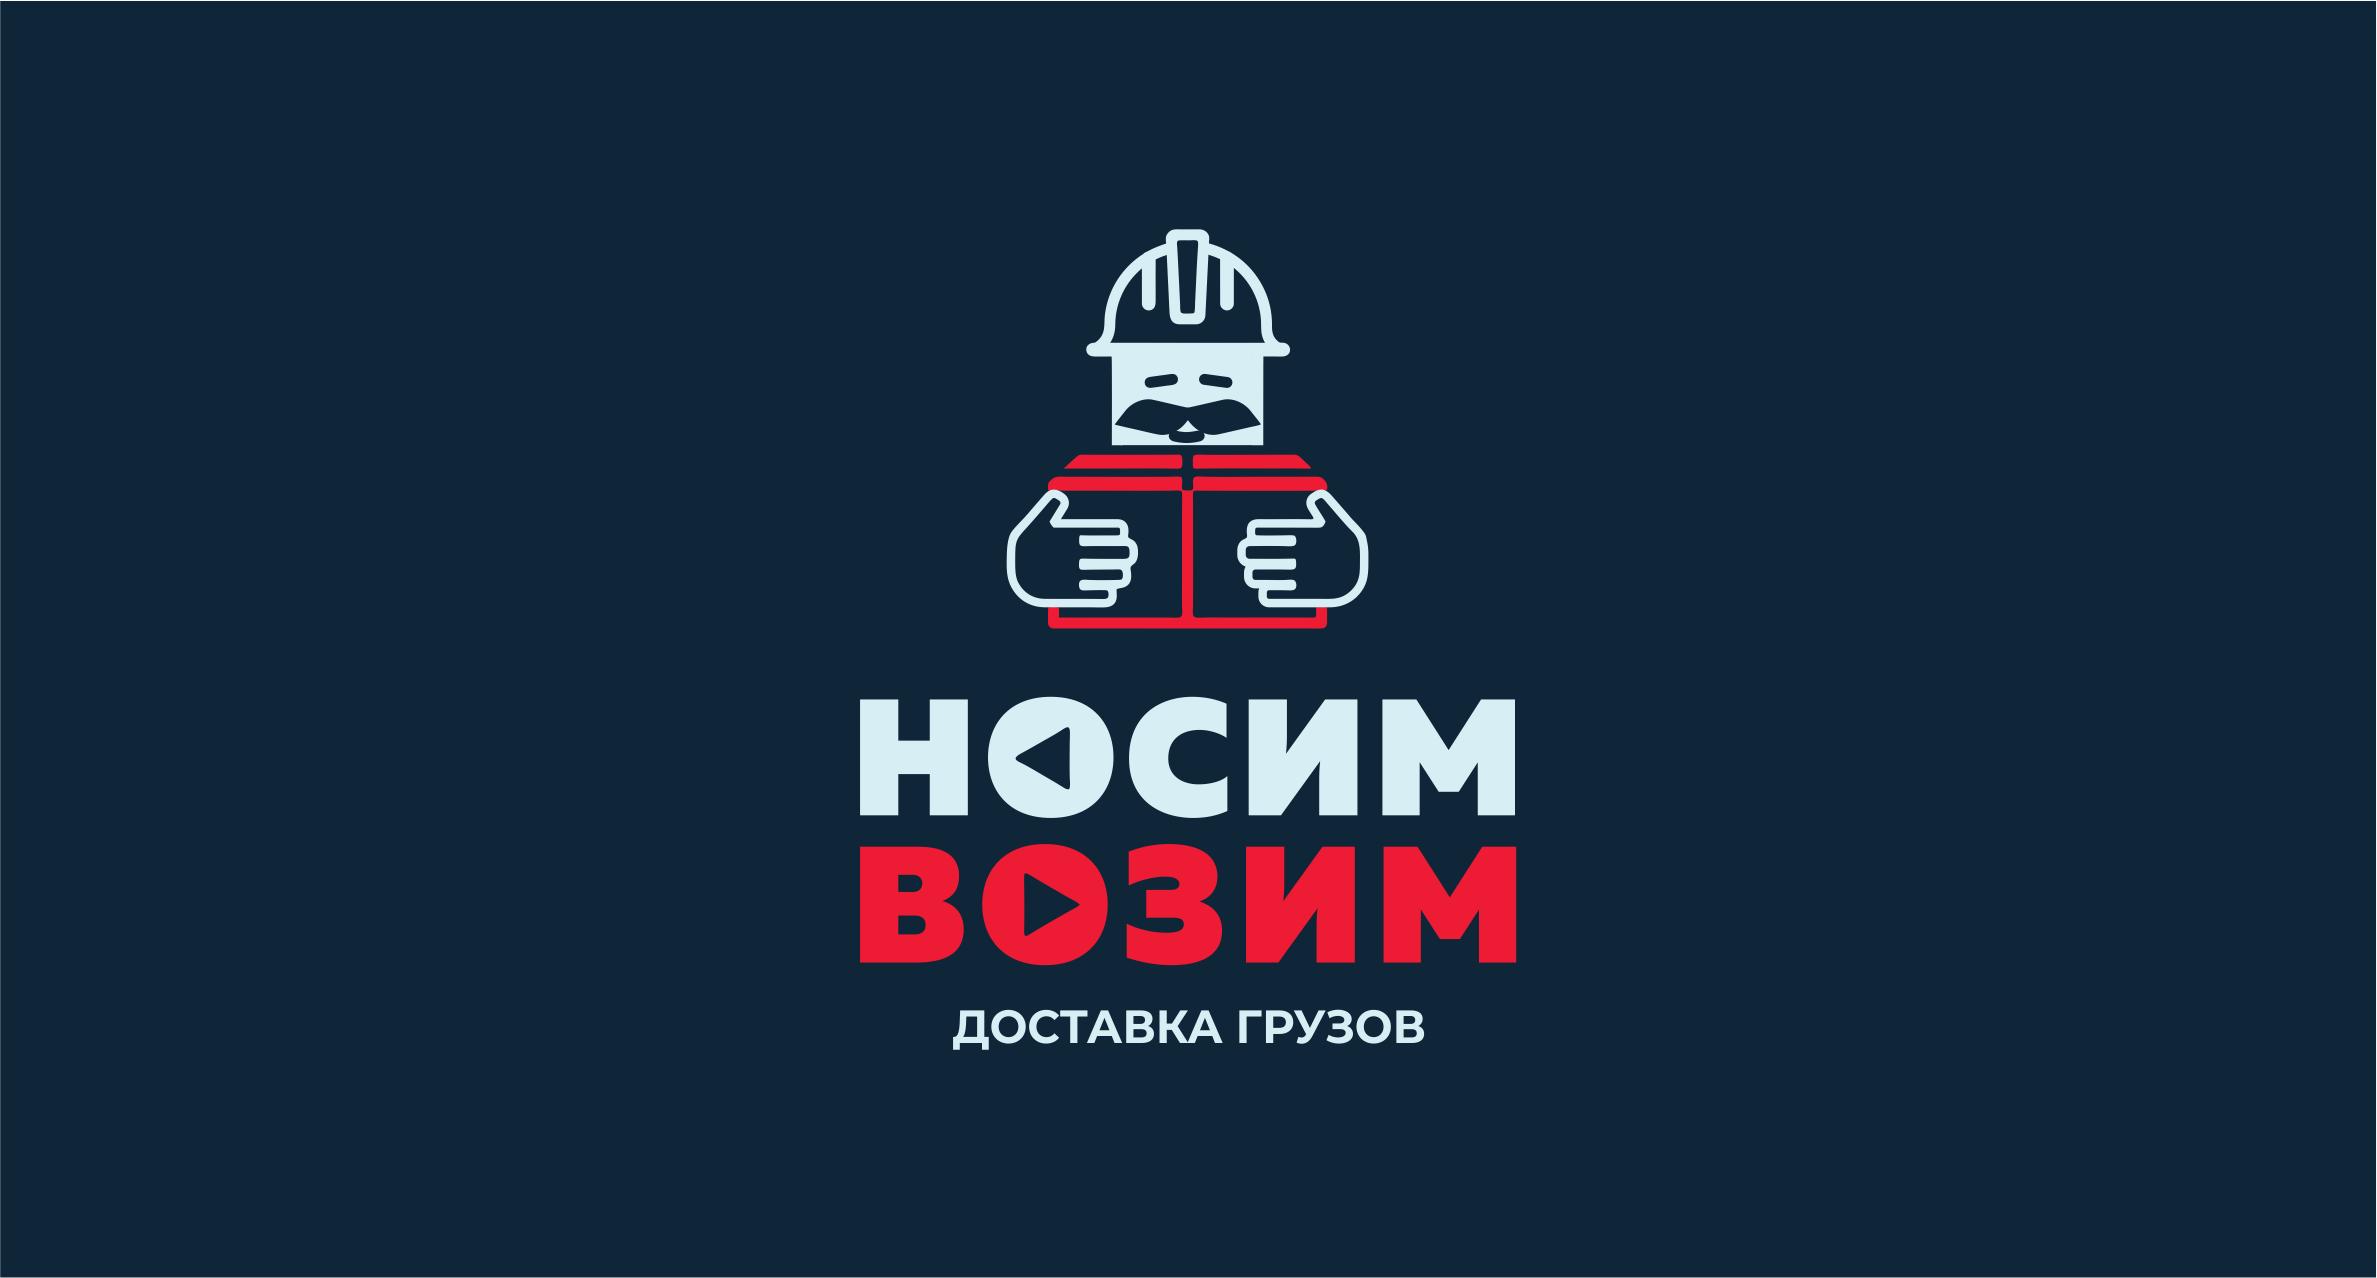 Логотип компании по перевозкам НосимВозим фото f_1345cf9030891dcf.png